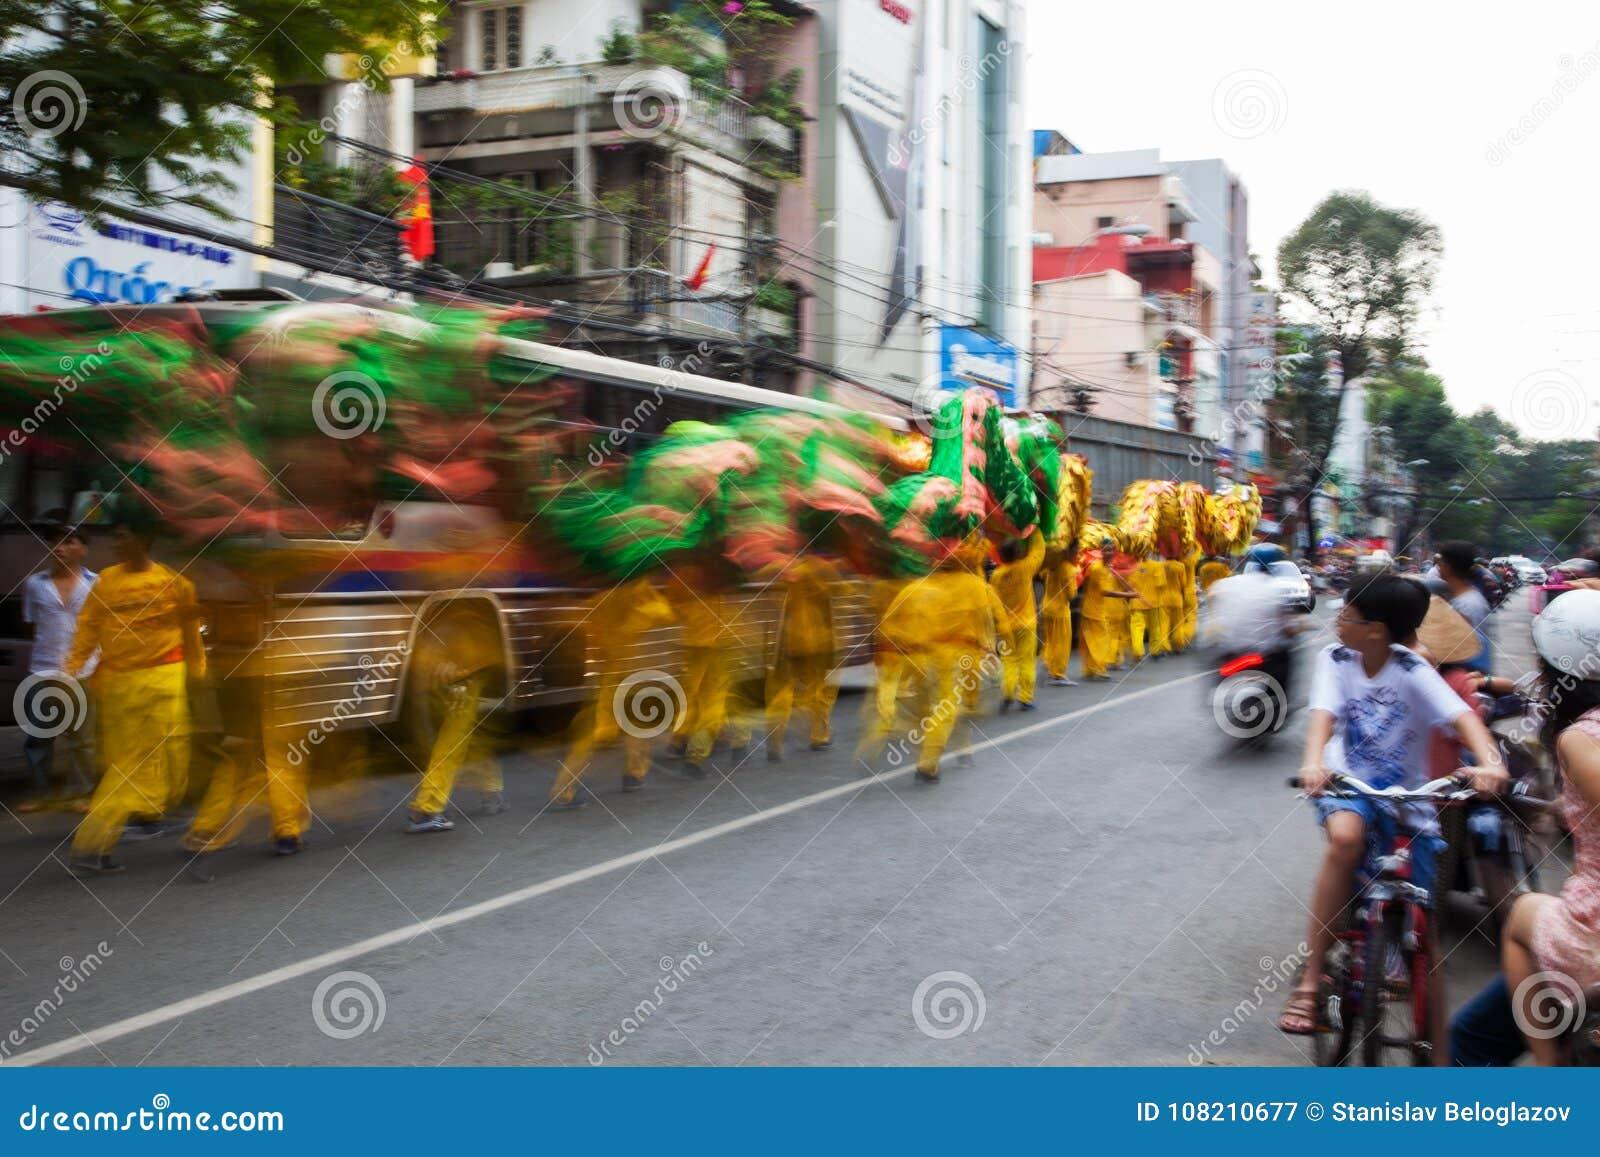 Vietnam - Januari 22, 2012: Dragon Dance Artists tijdens de viering van het Vietnamese Nieuwjaar